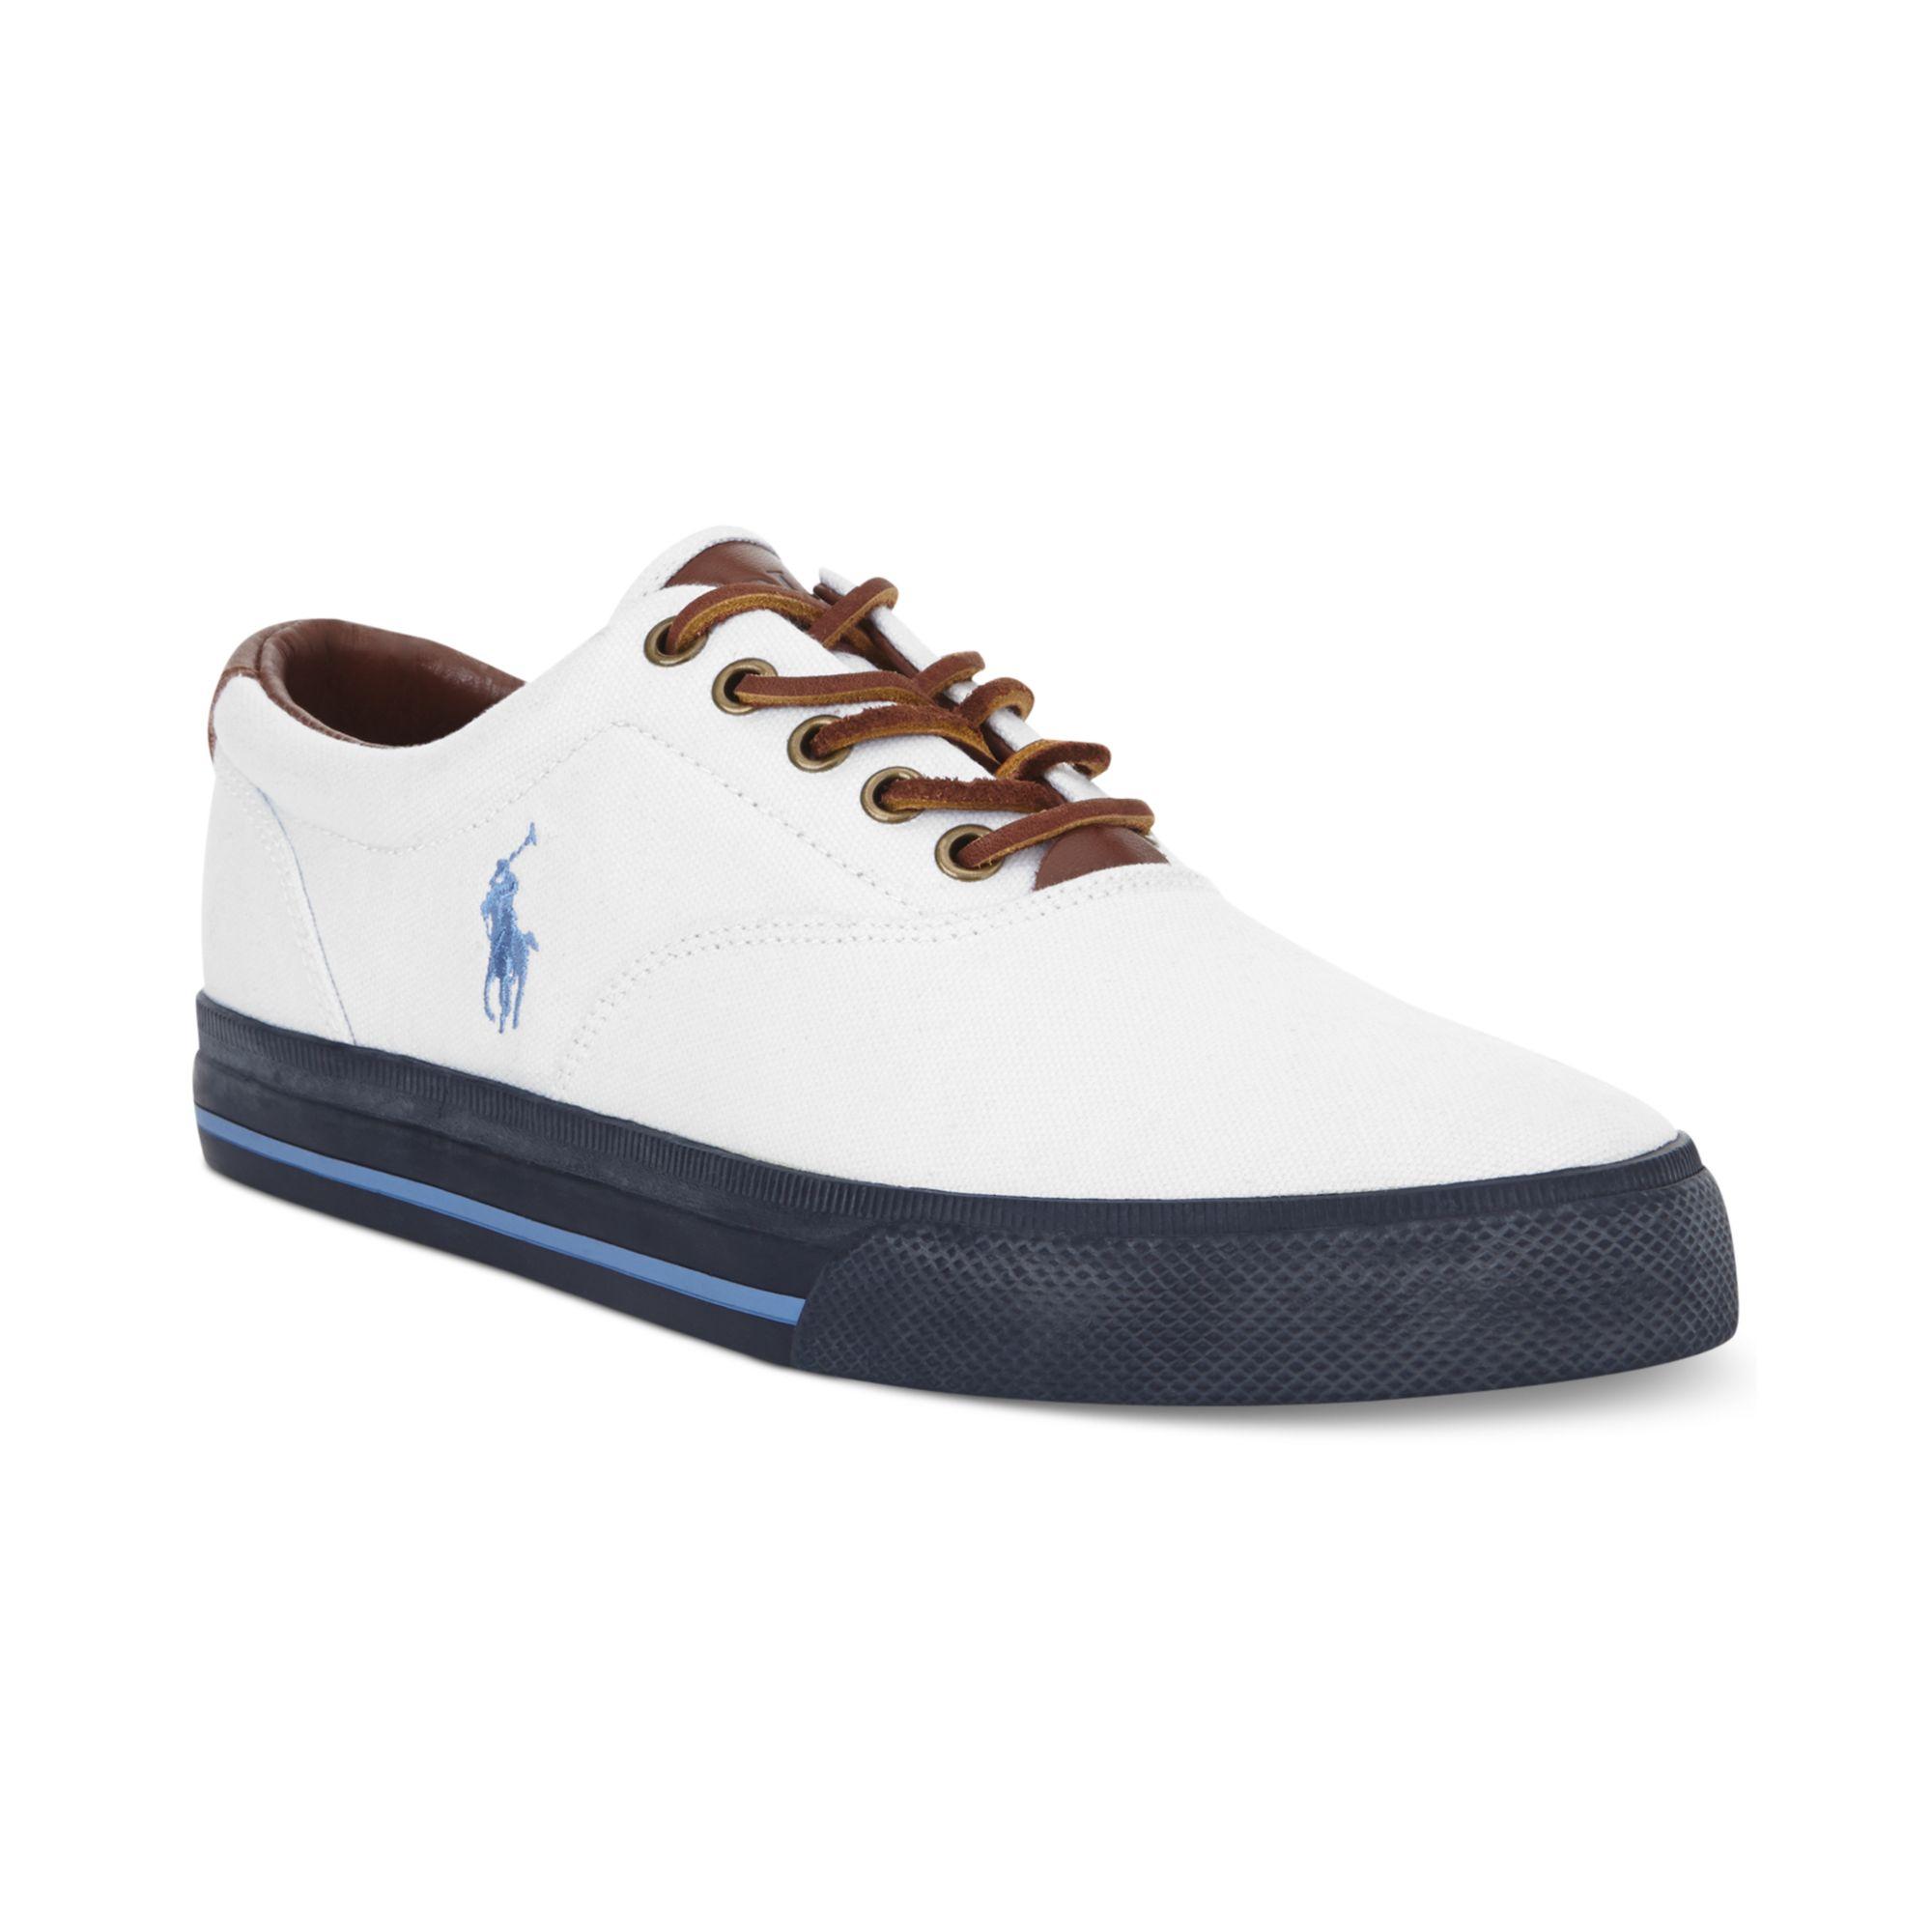 Ralph Lauren Olkalaukku : Polo ralph lauren vaughn sneakers in white for men lyst